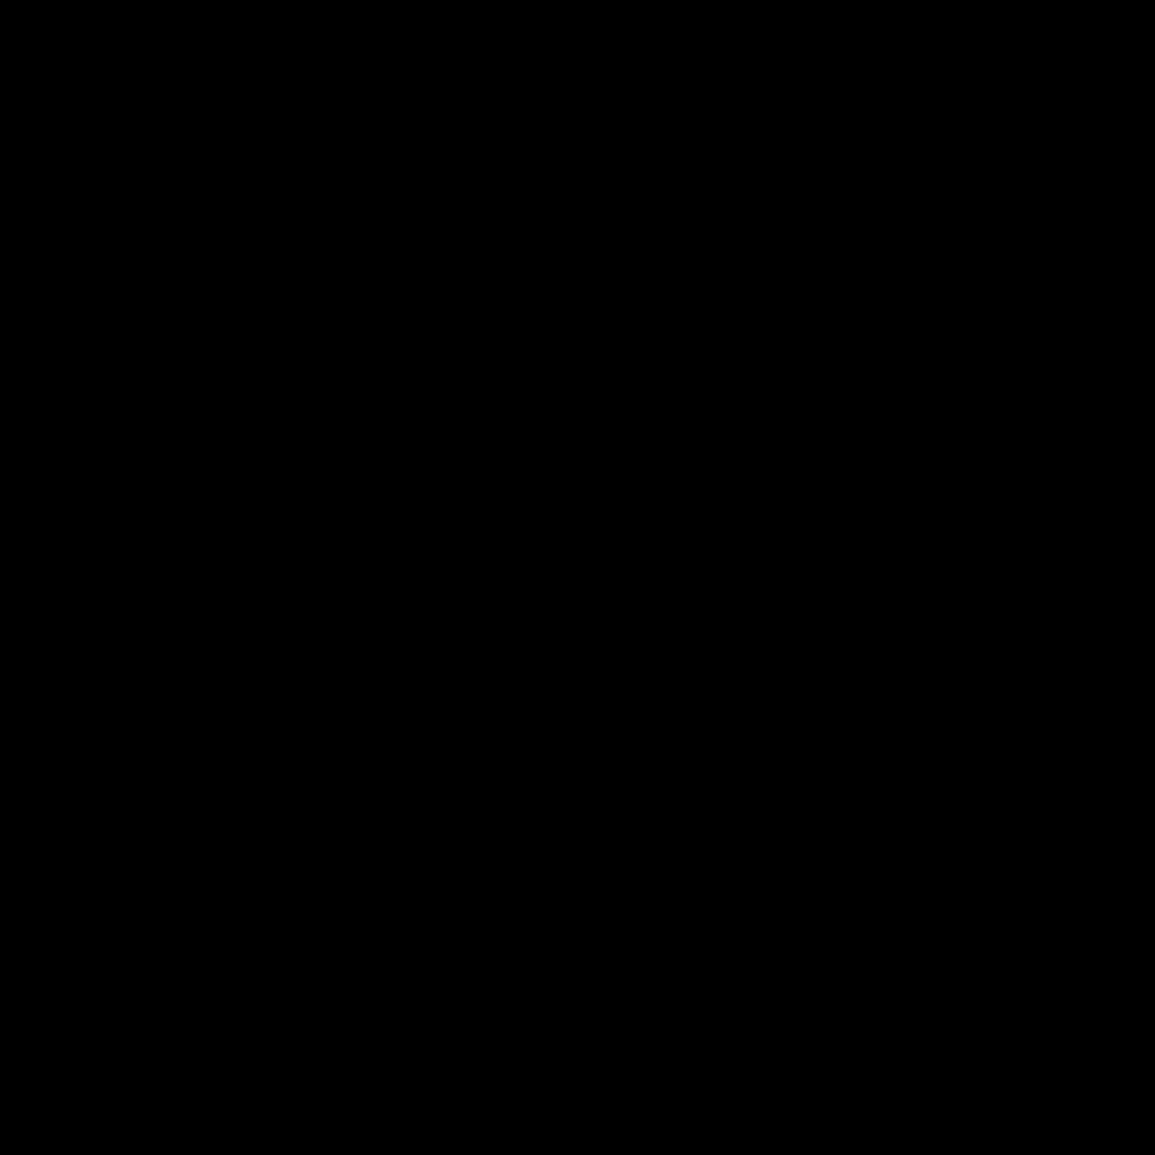 ゴカール D(かな) DGC 字形見本